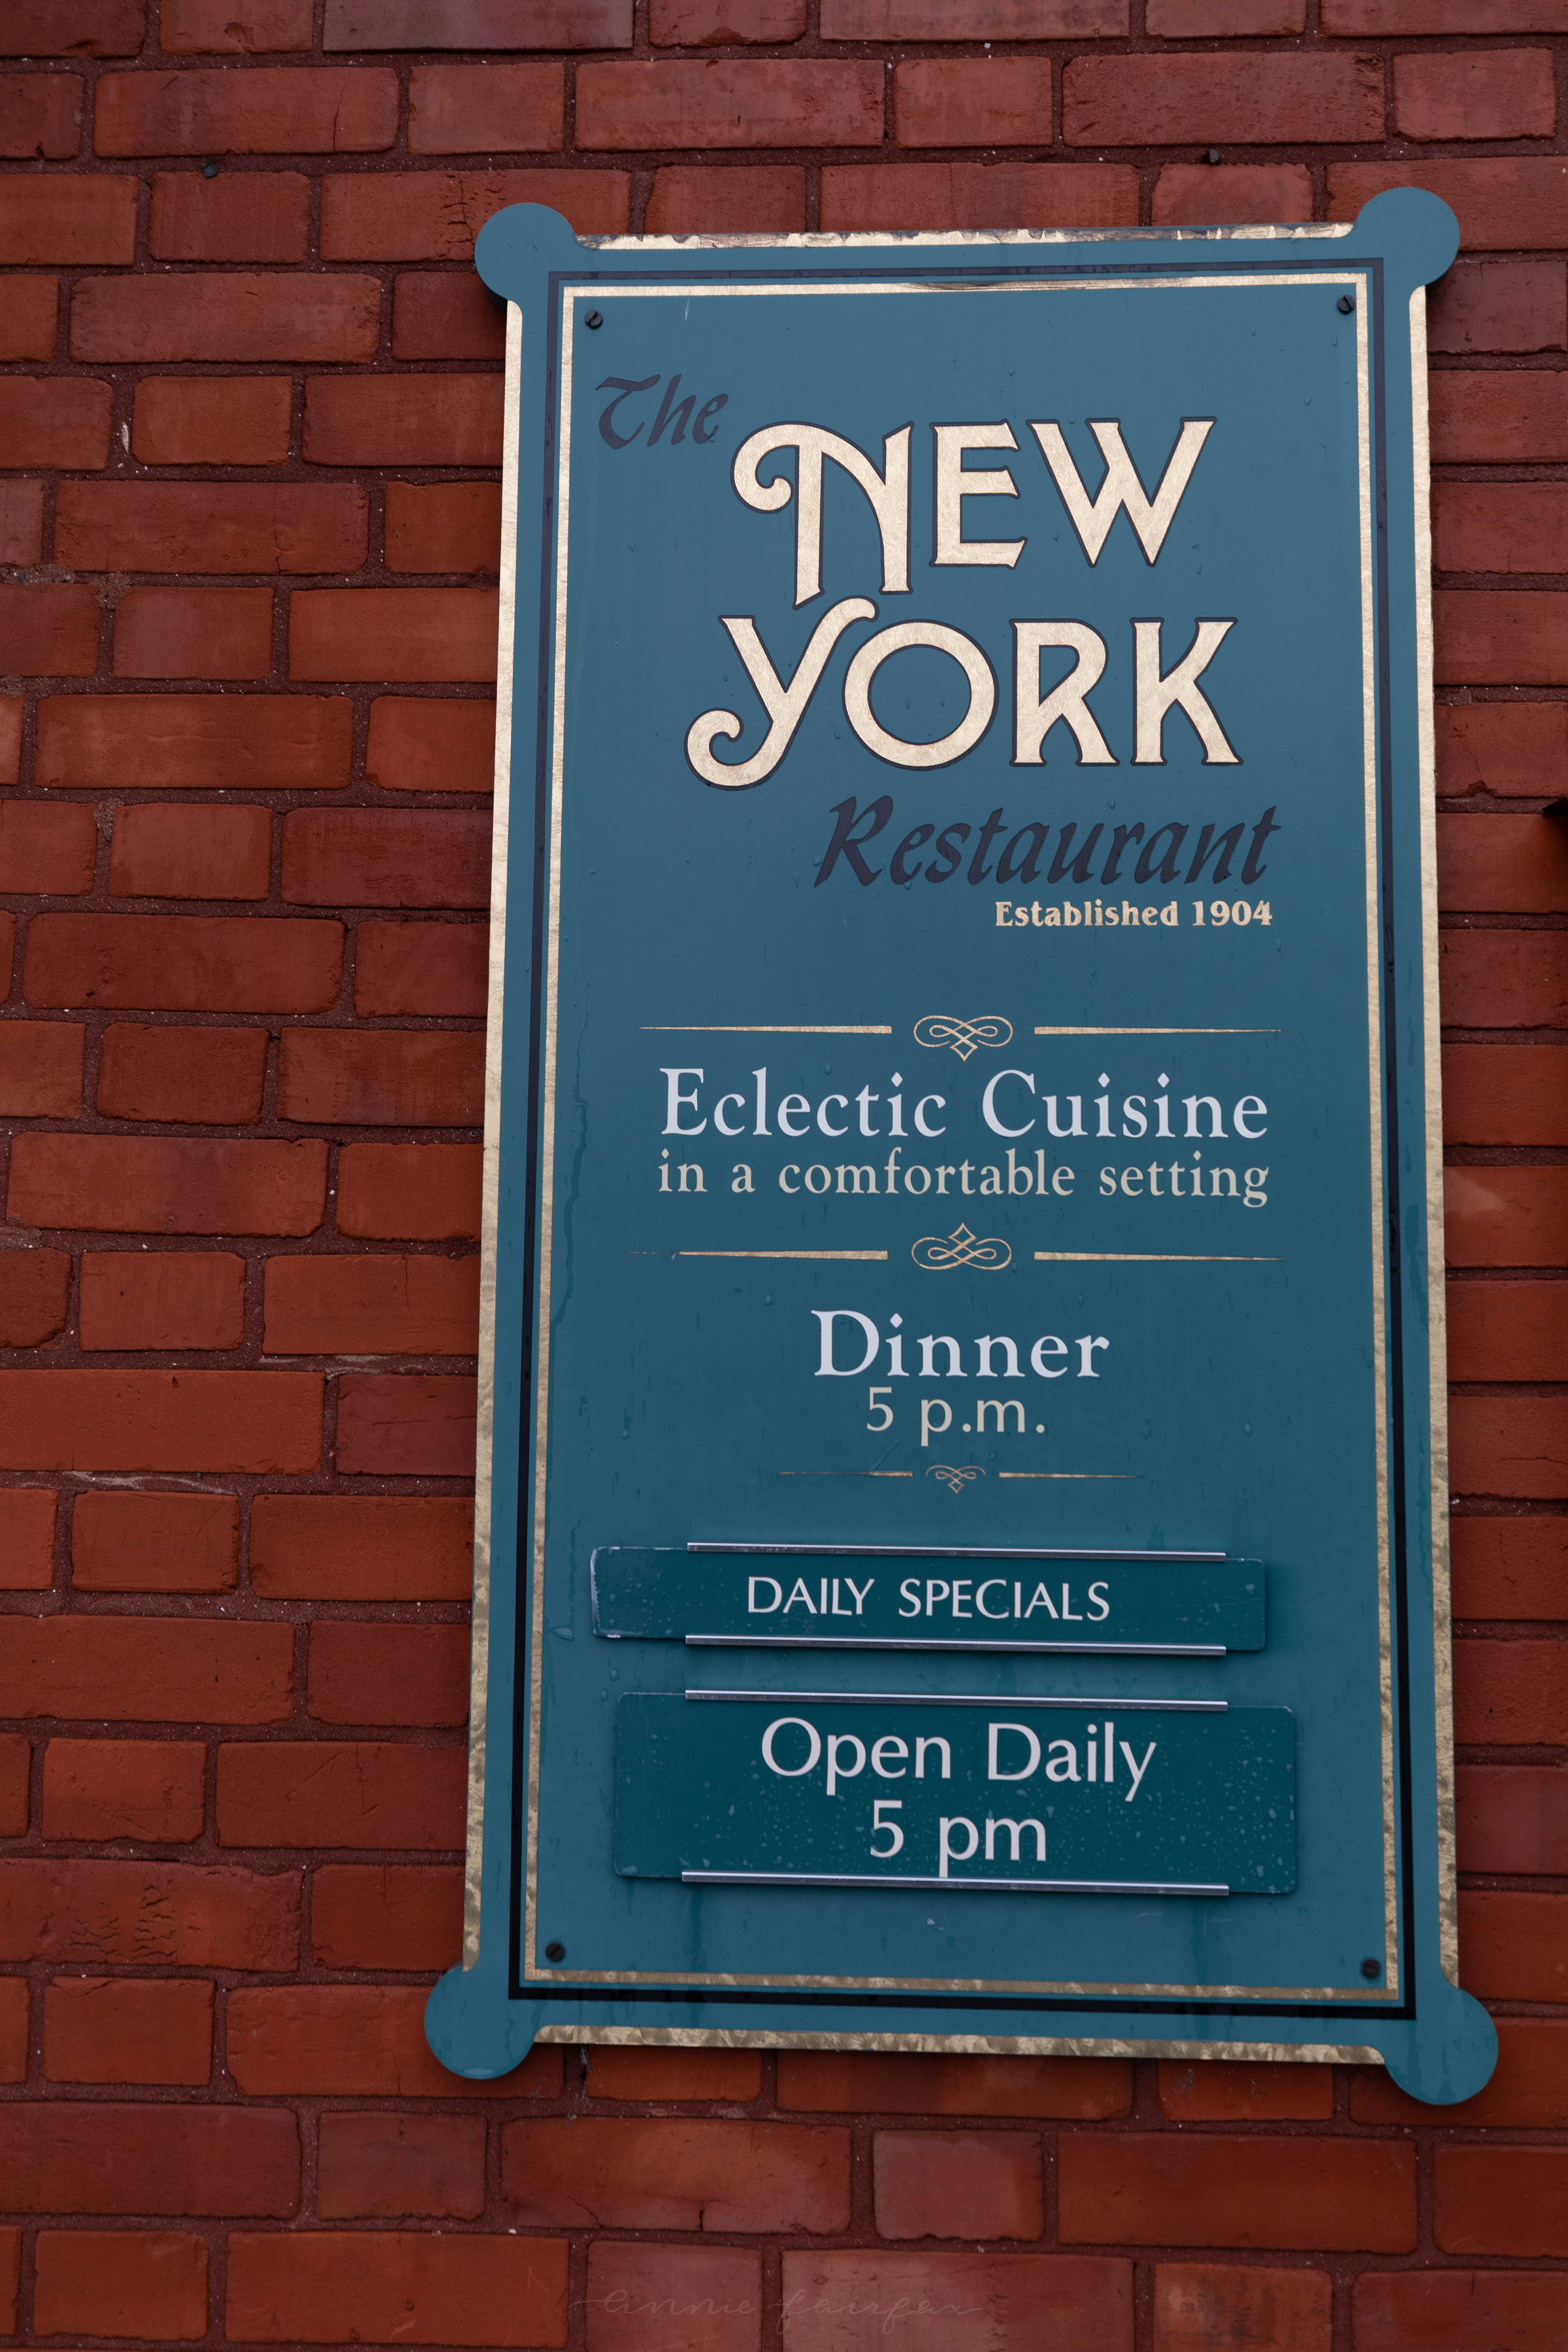 Luxury Restaurants of the World: The New York Restaurant in Harbor Springs, MI by Annie Fairfax Luxury Restaurants of the World